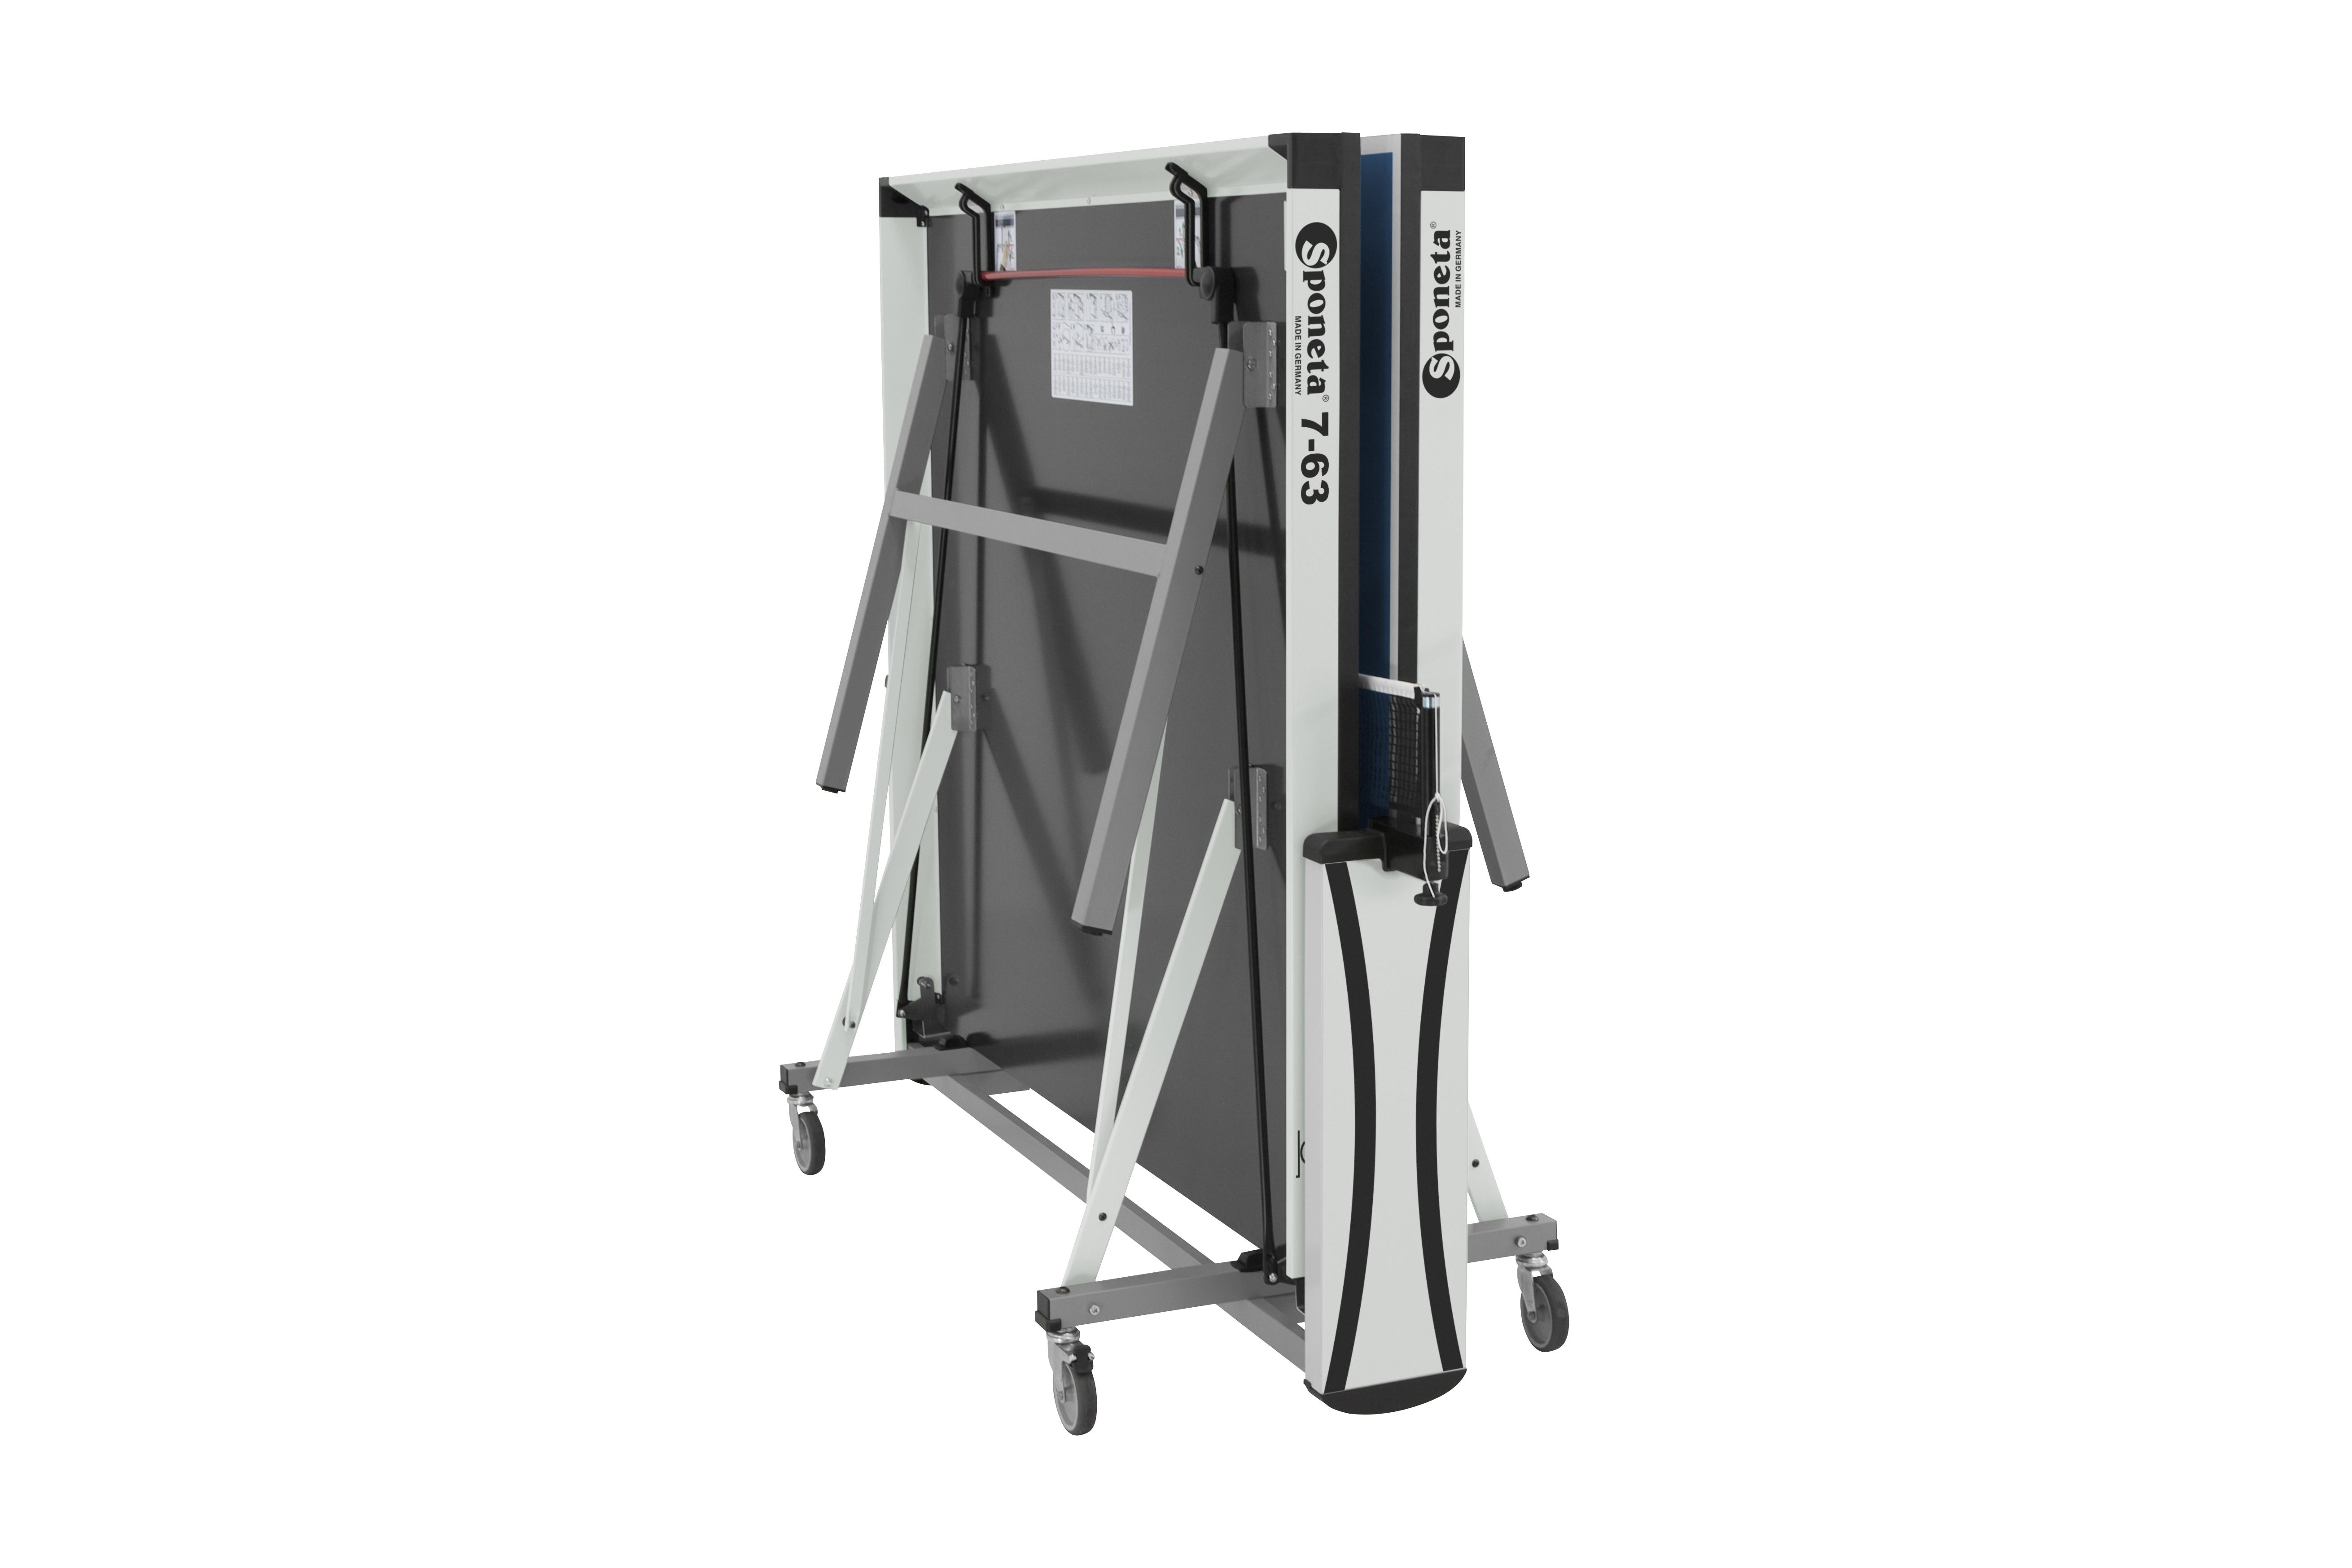 """TC0248: Tafeltennistafel Sponeta S7-63i Profi Line Indoor, 25mm, blauw, met compleet net""""Gratis levering"""" #3"""